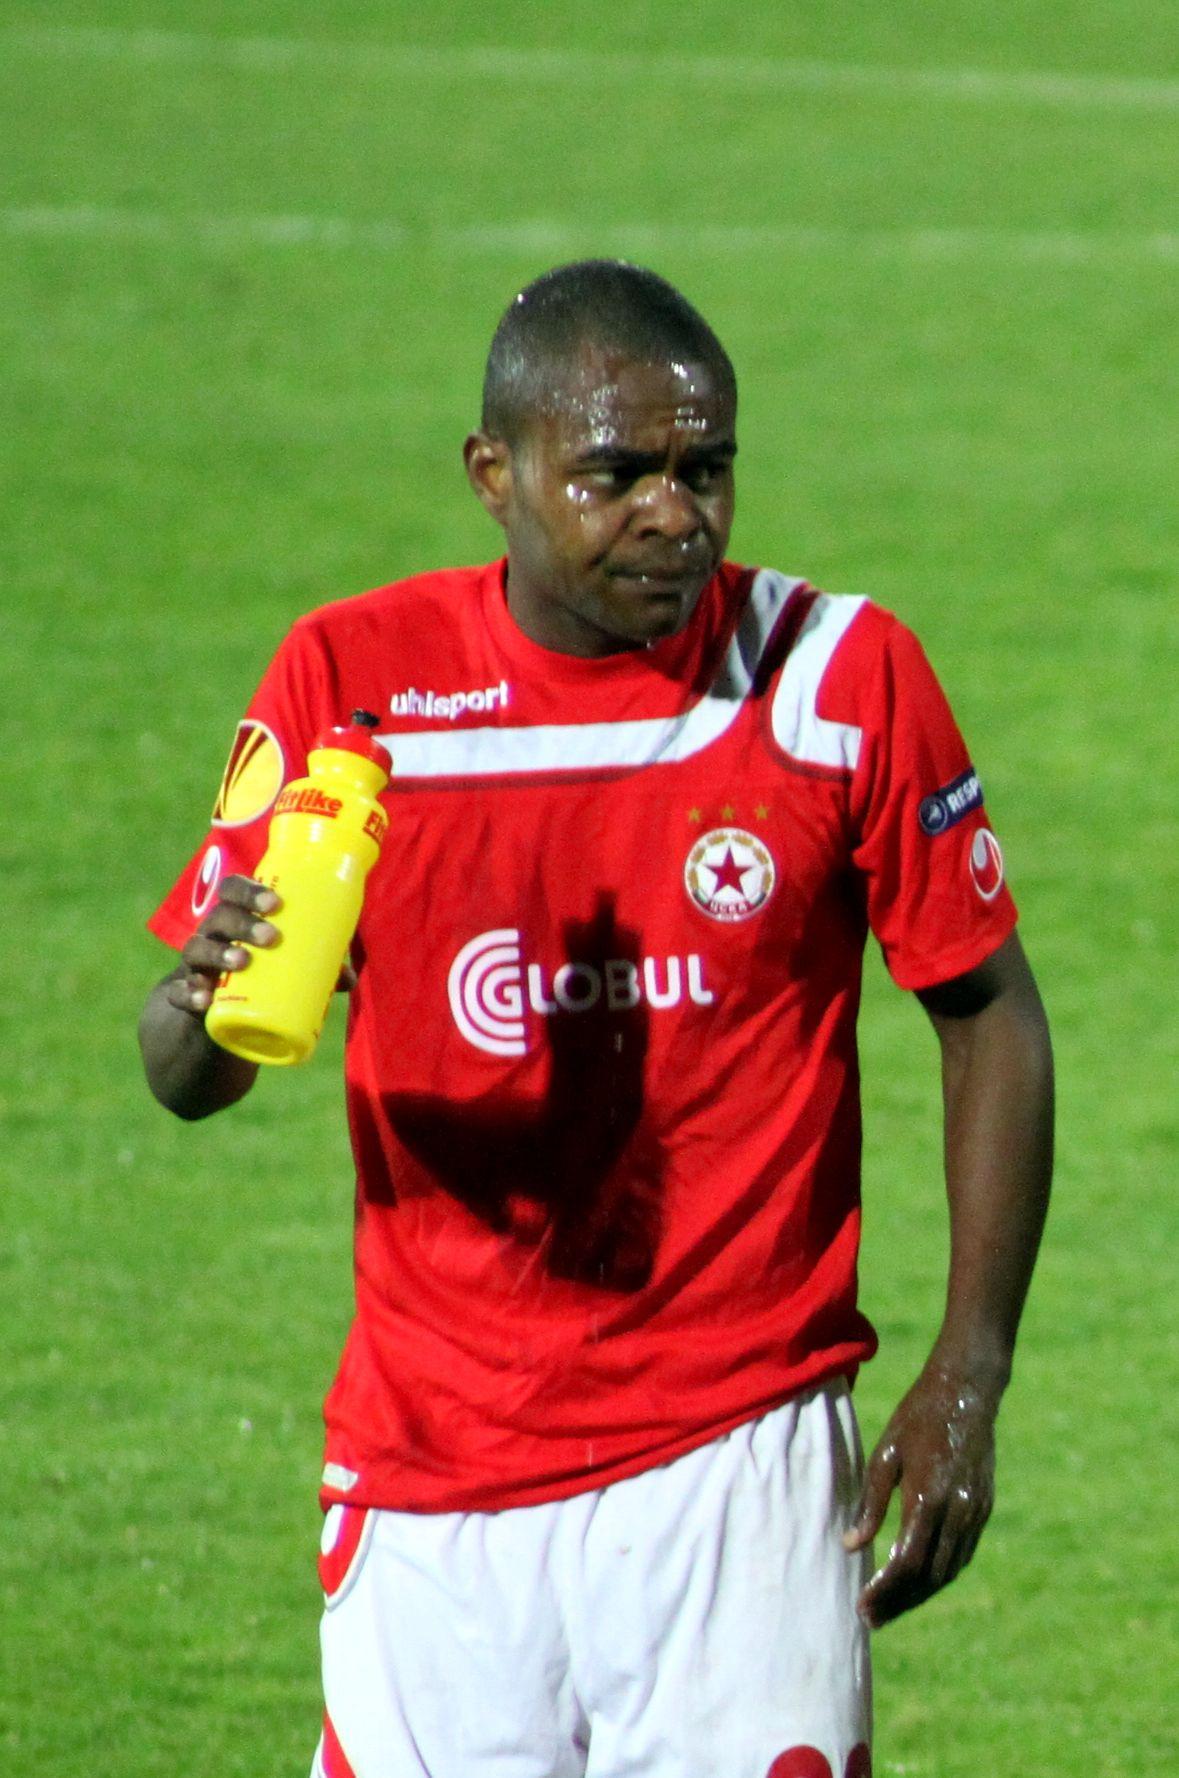 Marquinhos footballer born April 1982